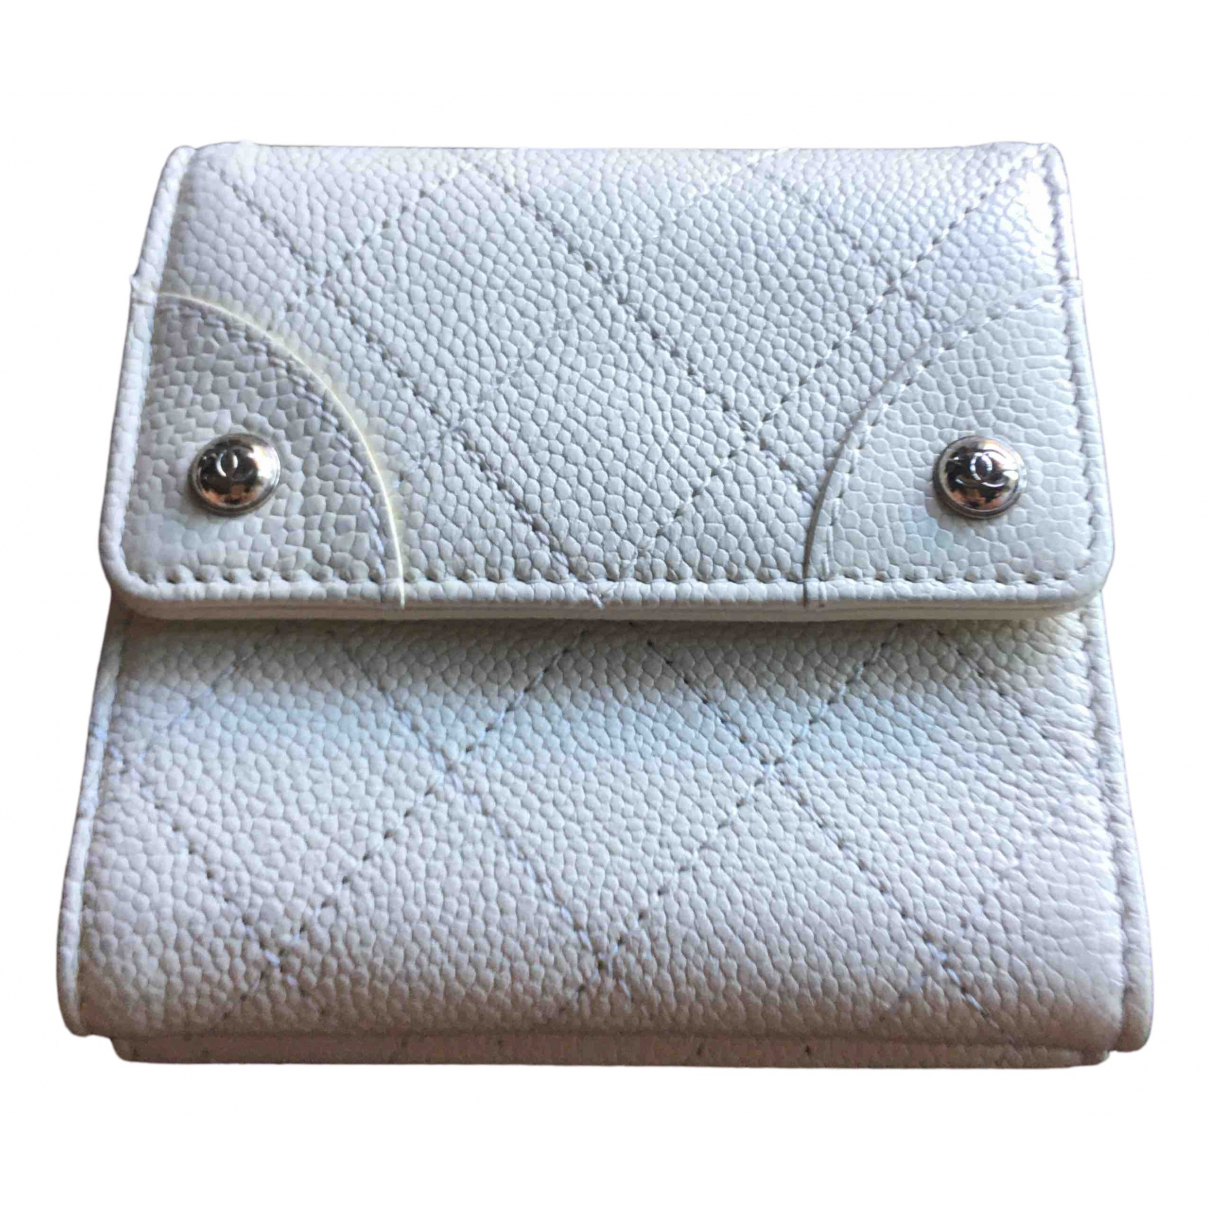 Chanel - Portefeuille   pour femme en cuir - ecru